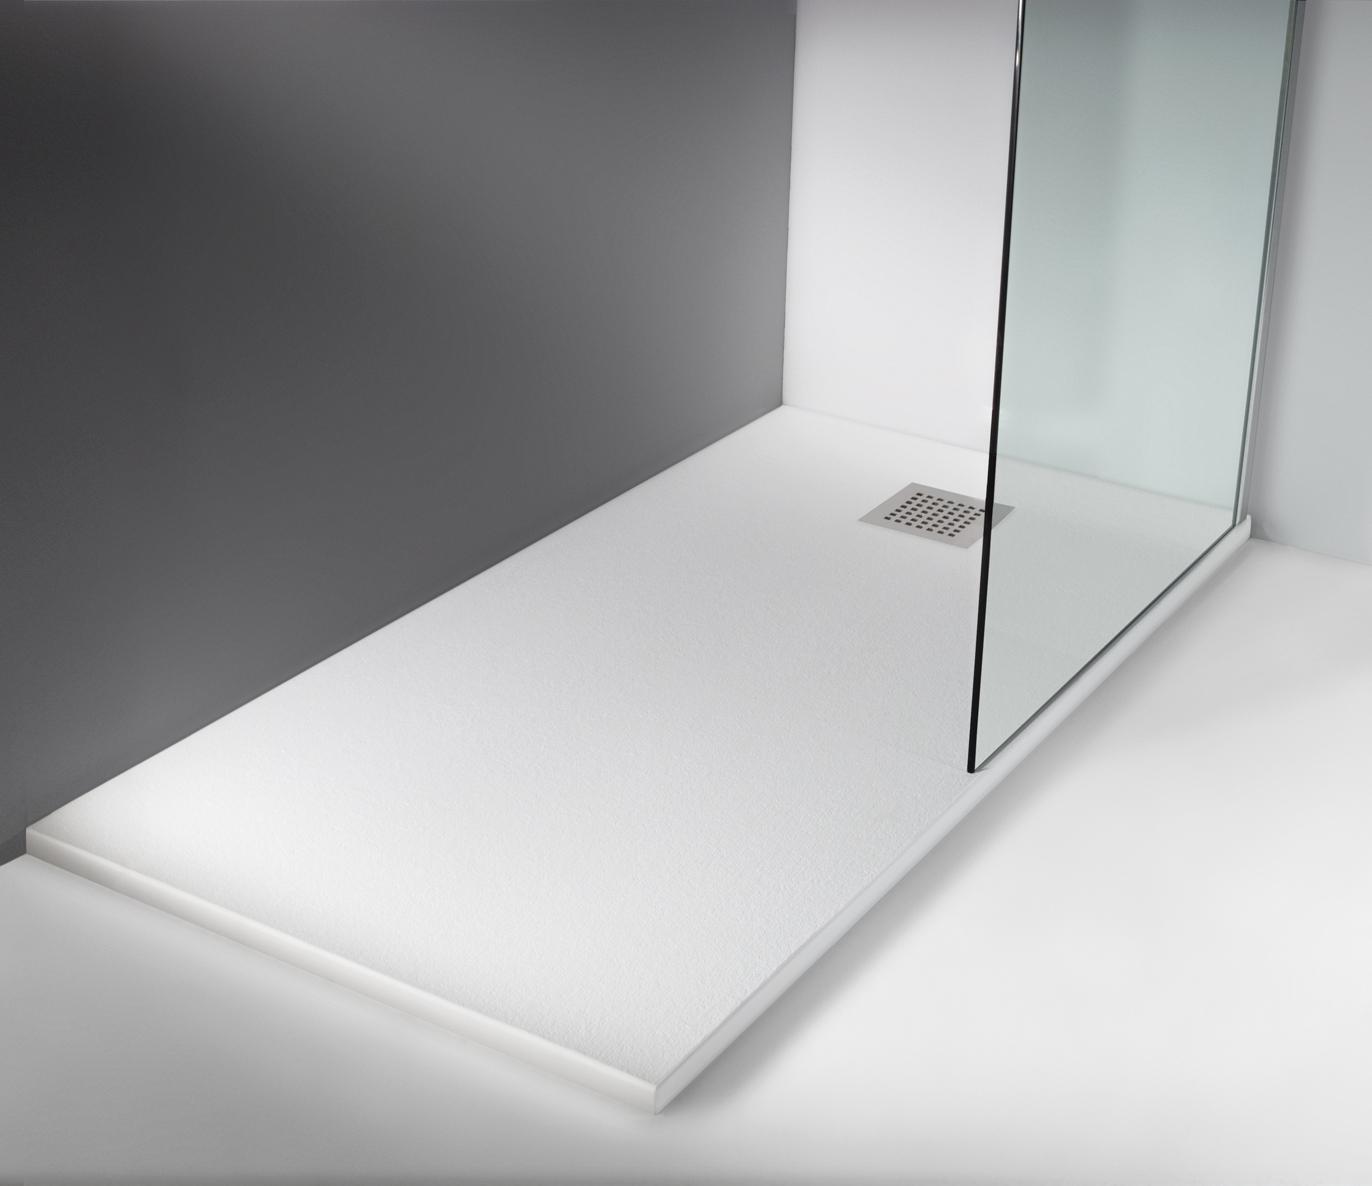 Duchas con accesibilidad m p instalaciones platos de - Que plato de ducha es mejor ...